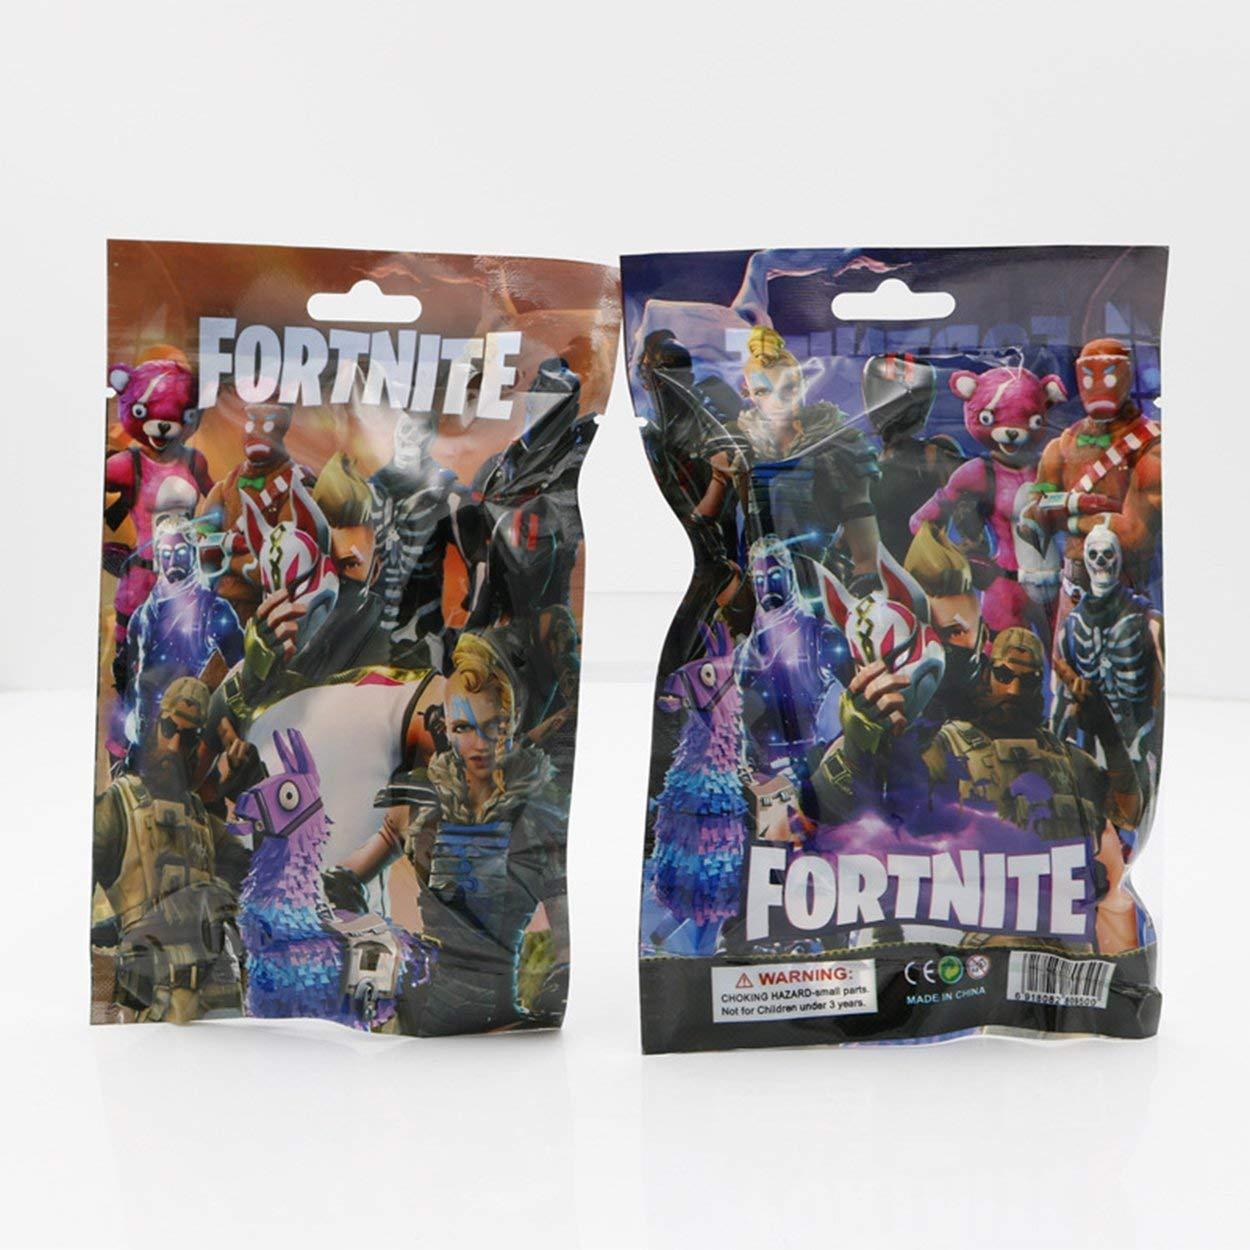 Lorenlli Juego de juguete con forma de personaje Fortnite Figura de juego Modelo de juego Inspirado en la colección de regalos de videojuegos Fortnite de 13 ...